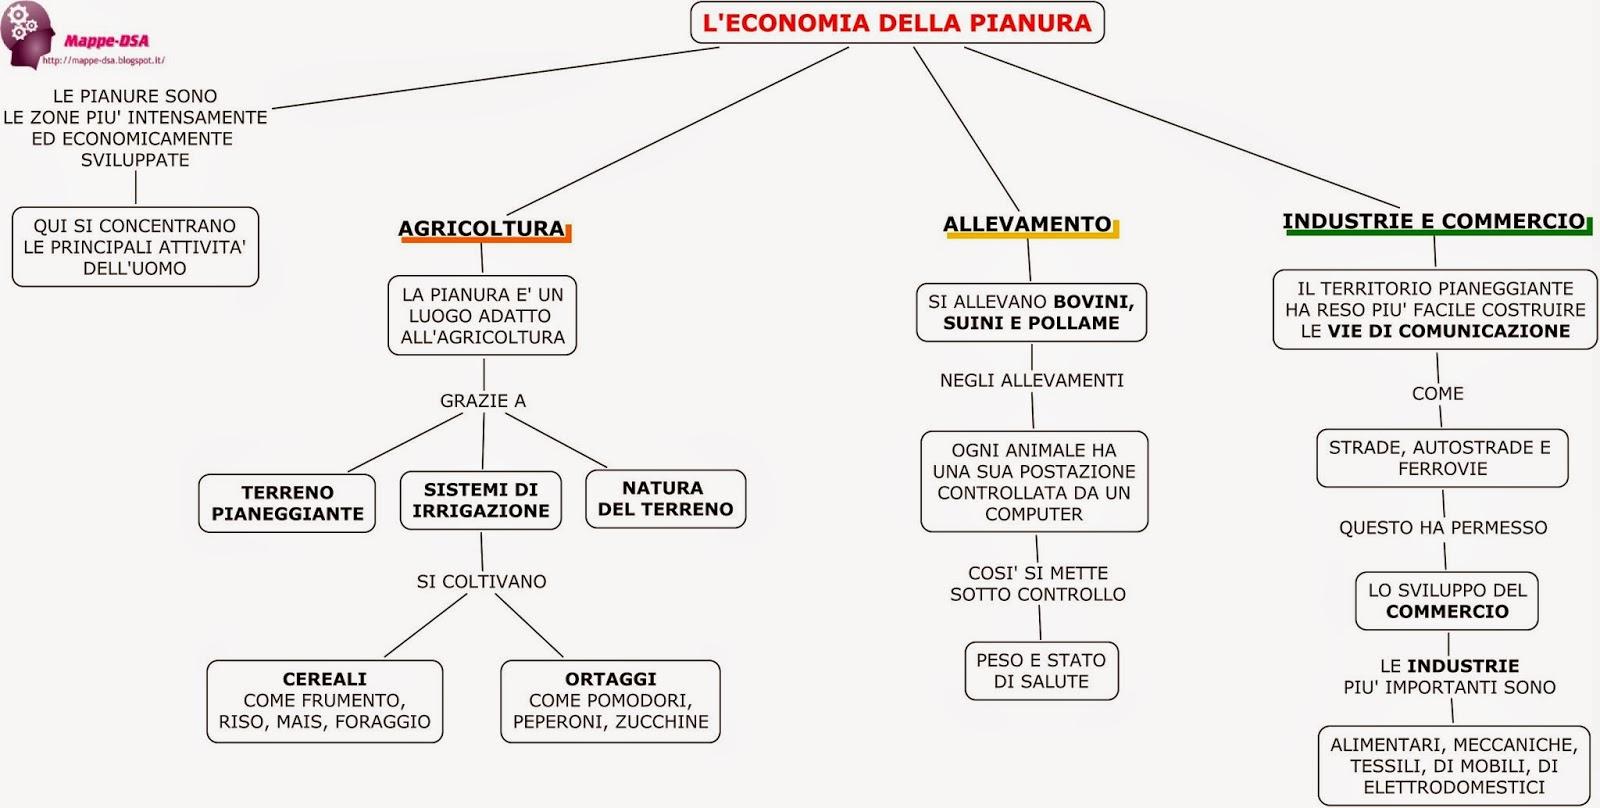 mappa schema dsa geografia elementari economia pianura